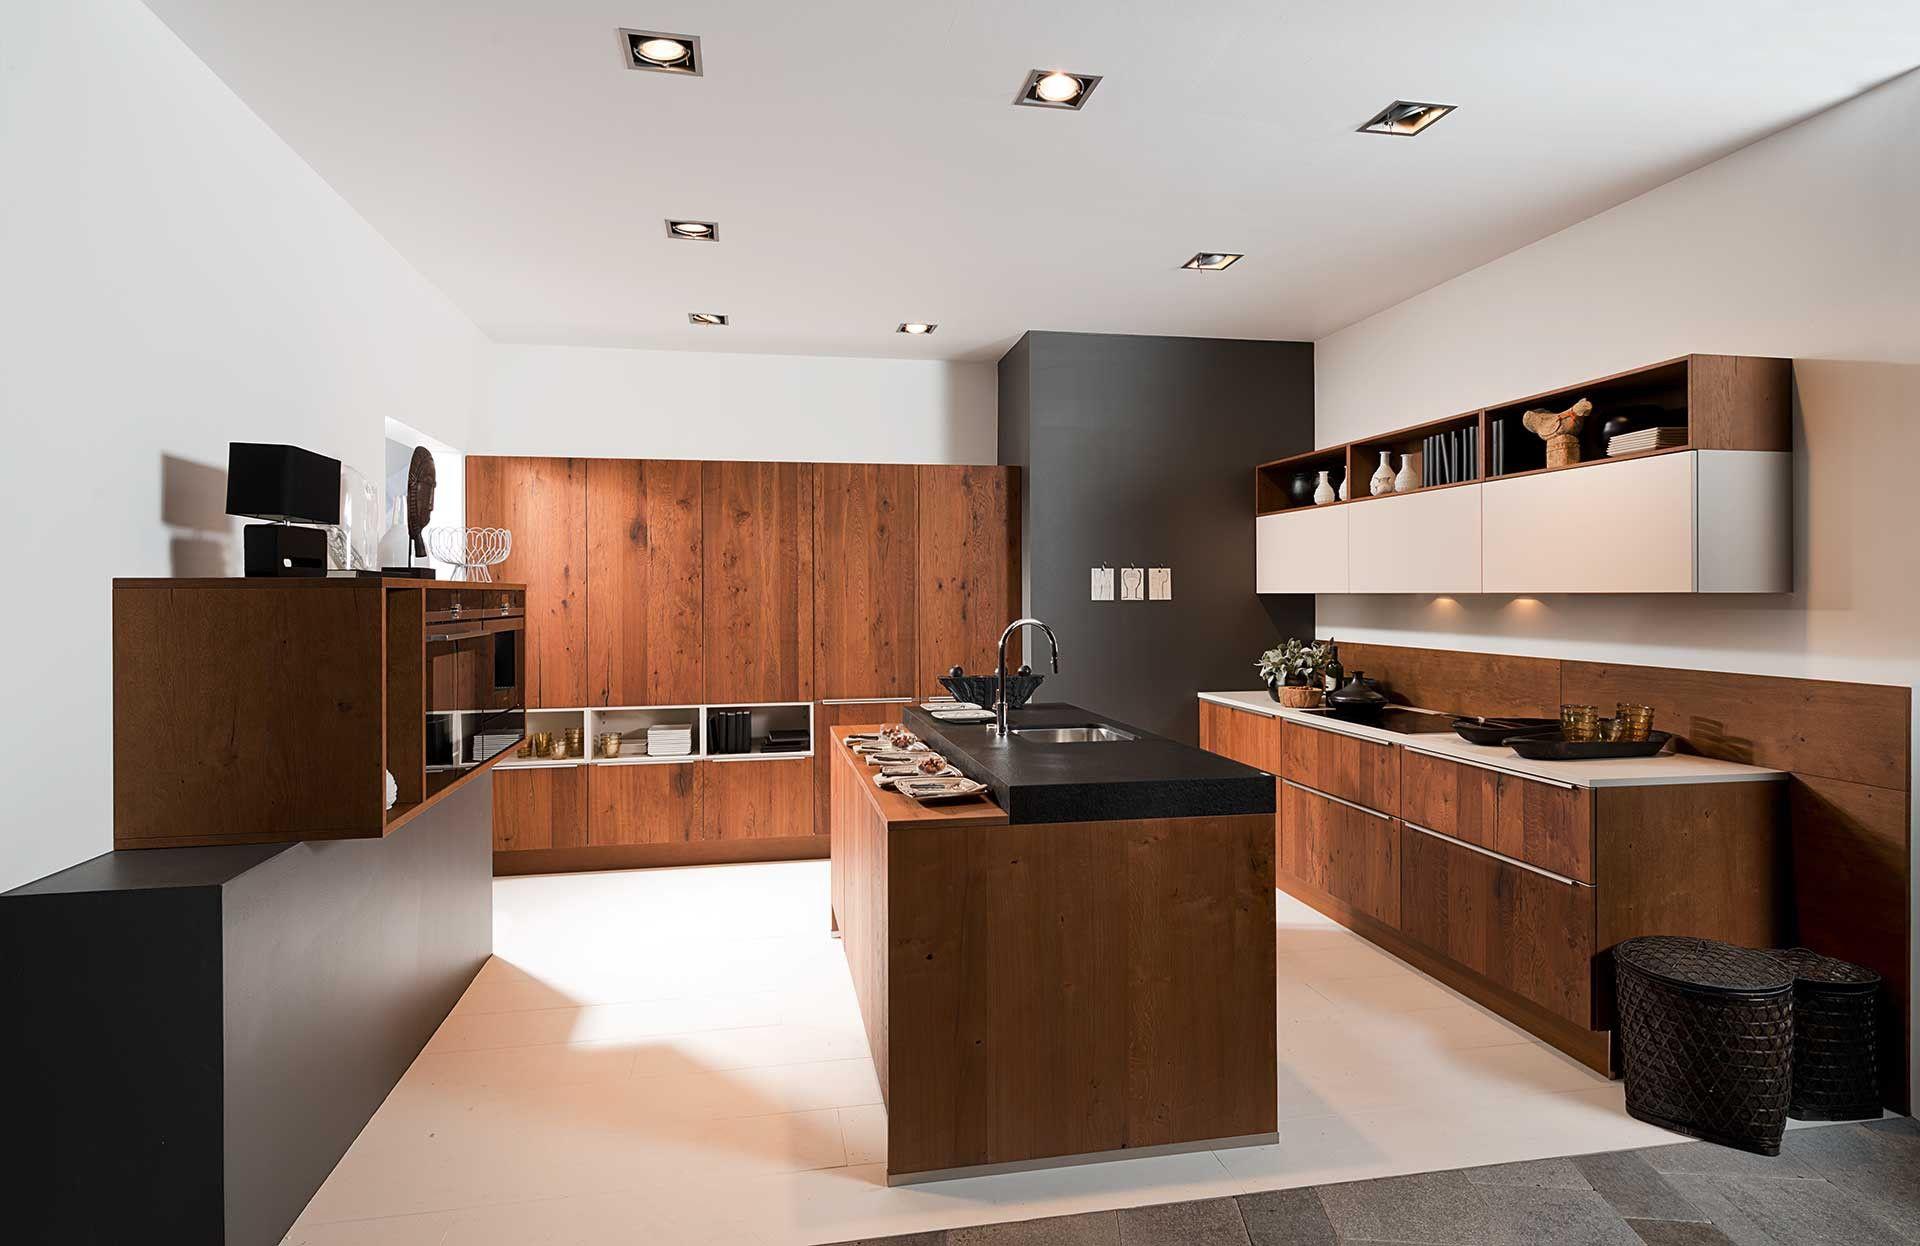 Nolte küche magnolia funk wanduhr küche ikea landhaus grau kleine